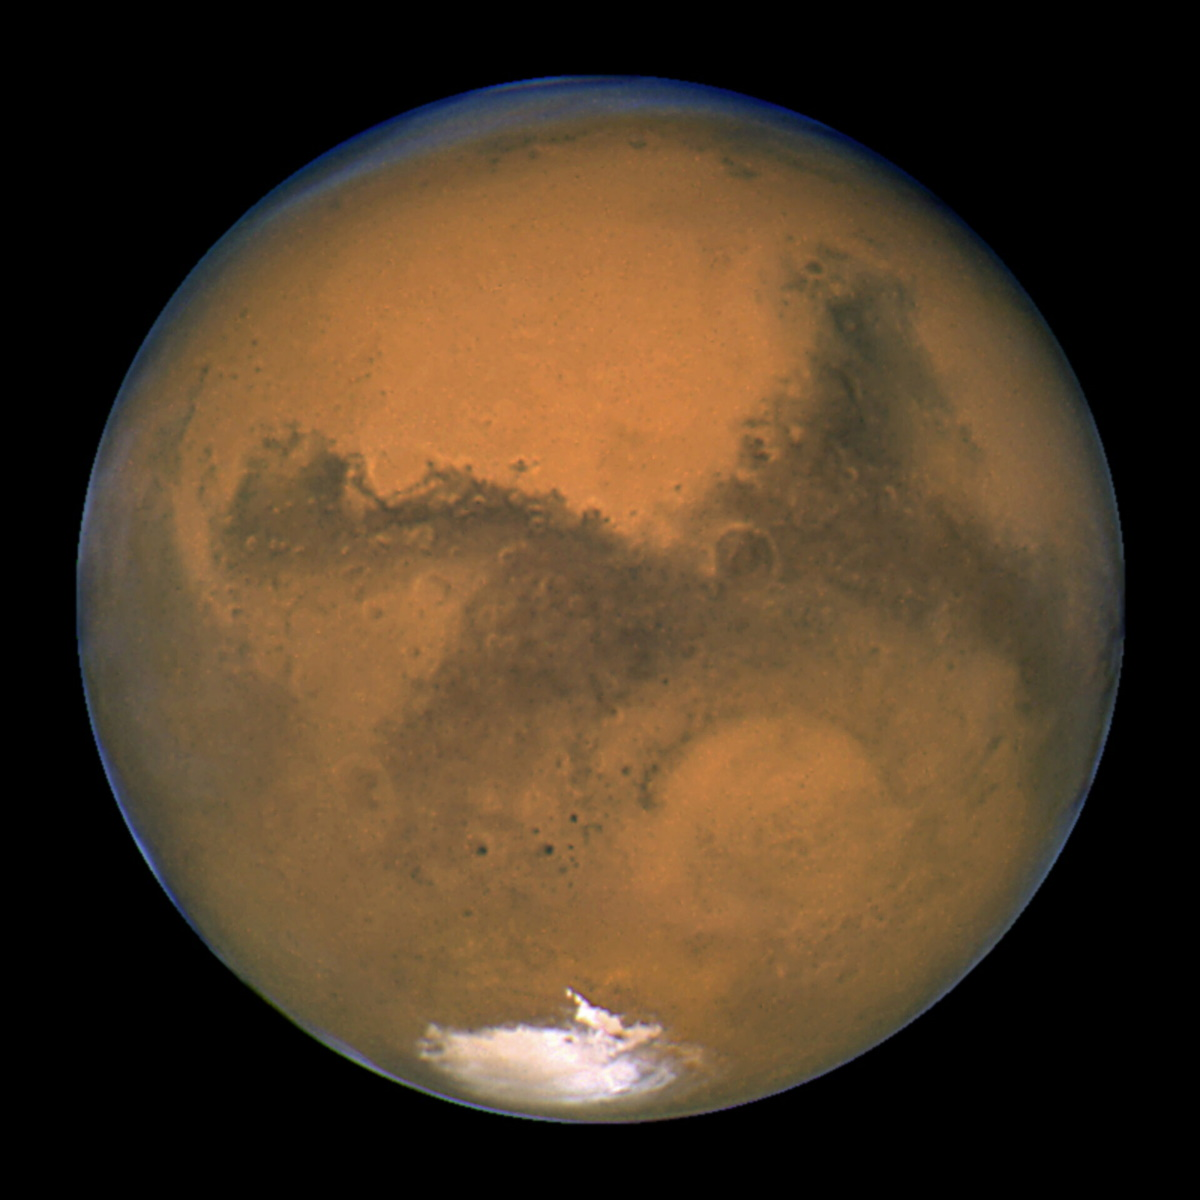 Ενδείξεις για πρόσφατη έκρηξη ηφαιστείου στον Άρη – Τι υποστηρίζουν Aμερικανοί επιστήμονες (pics)